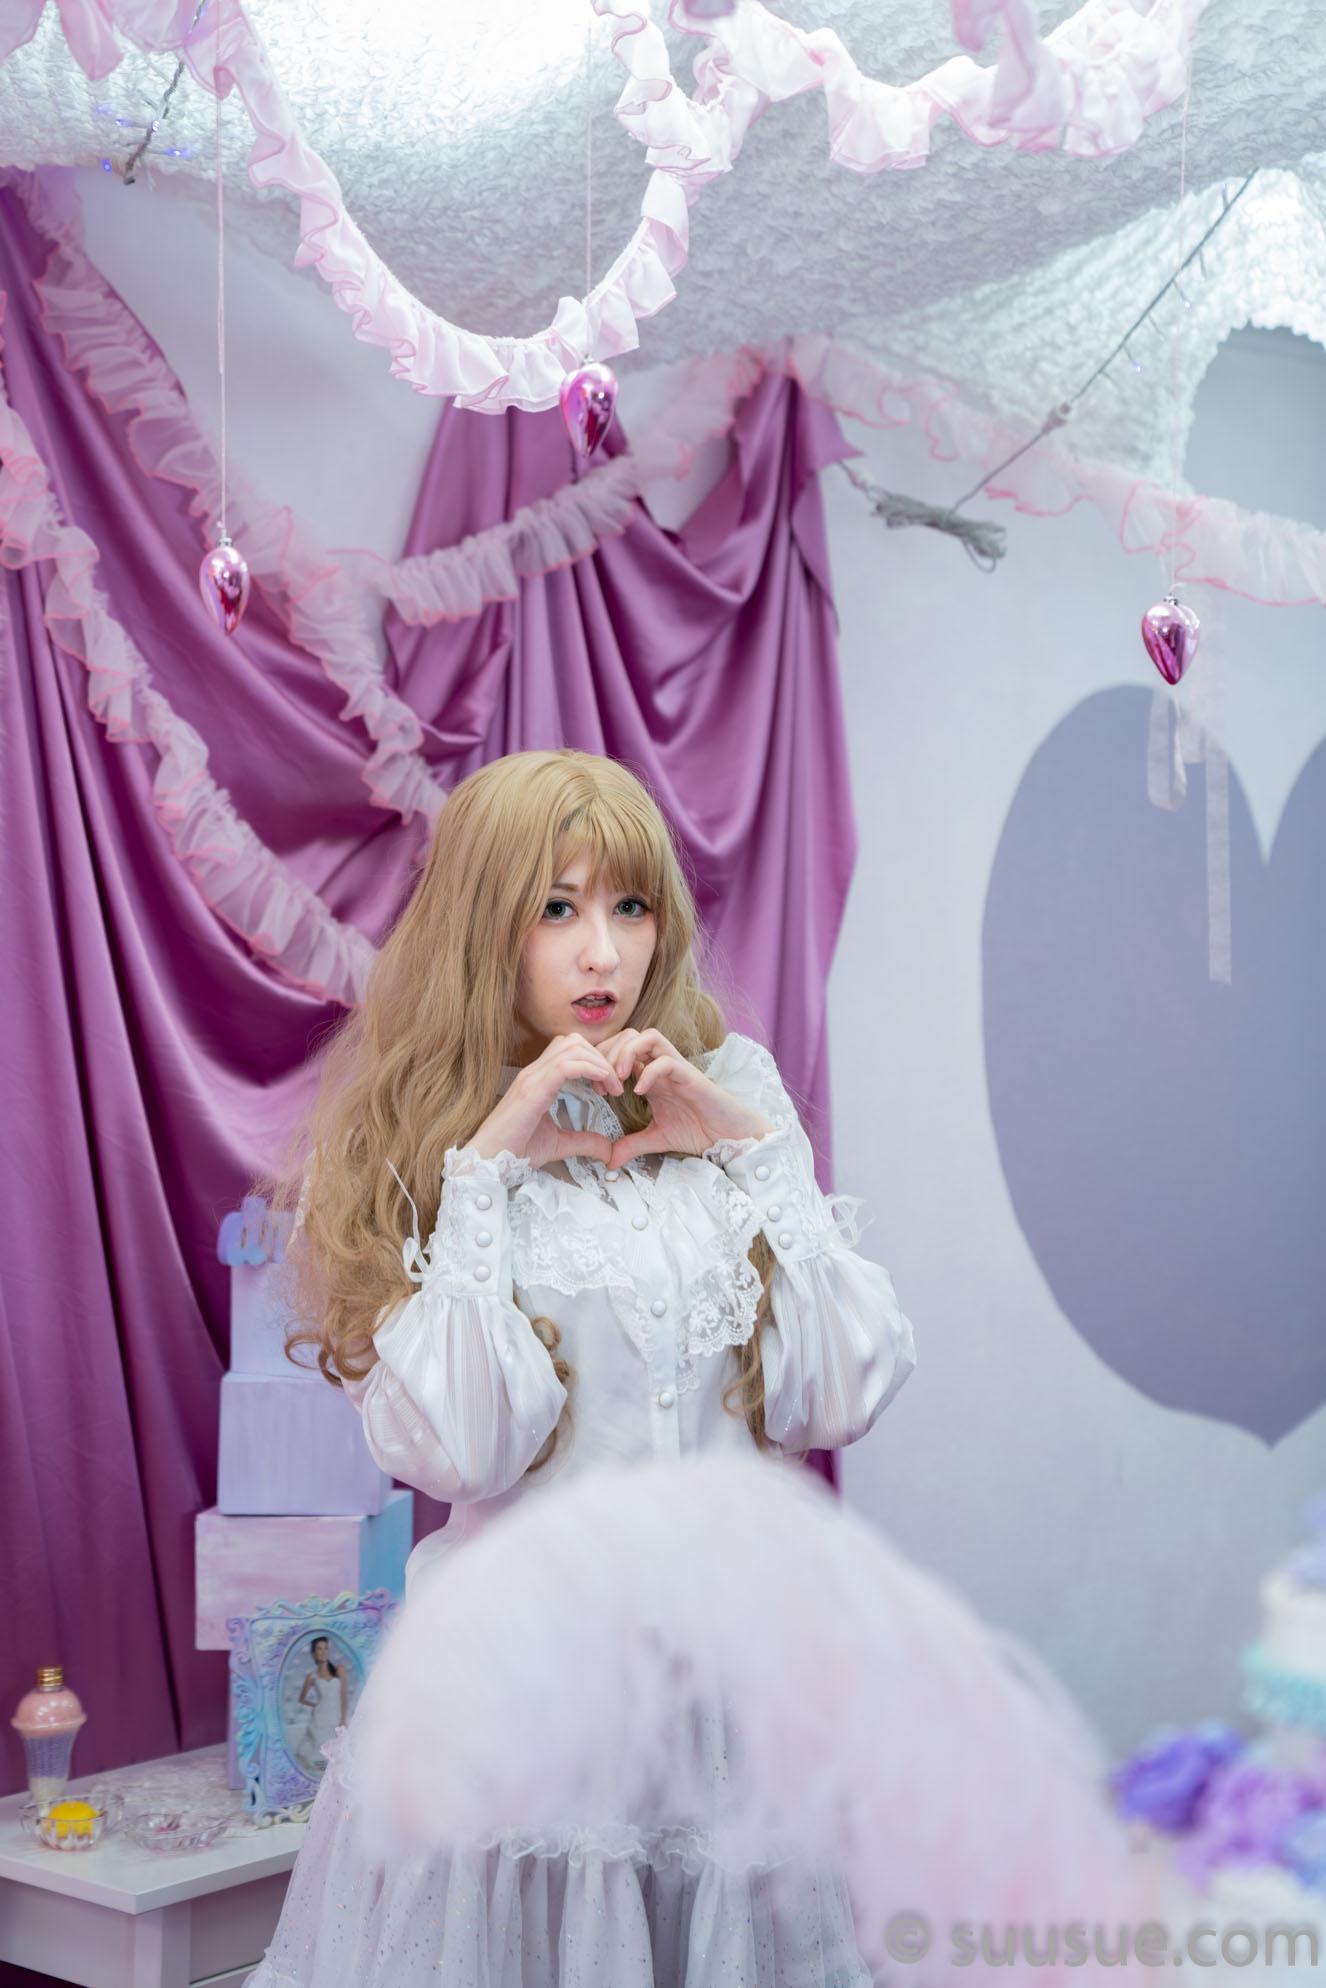 八雲聖 星降る衣装 2019/01/14オレマカ撮影会